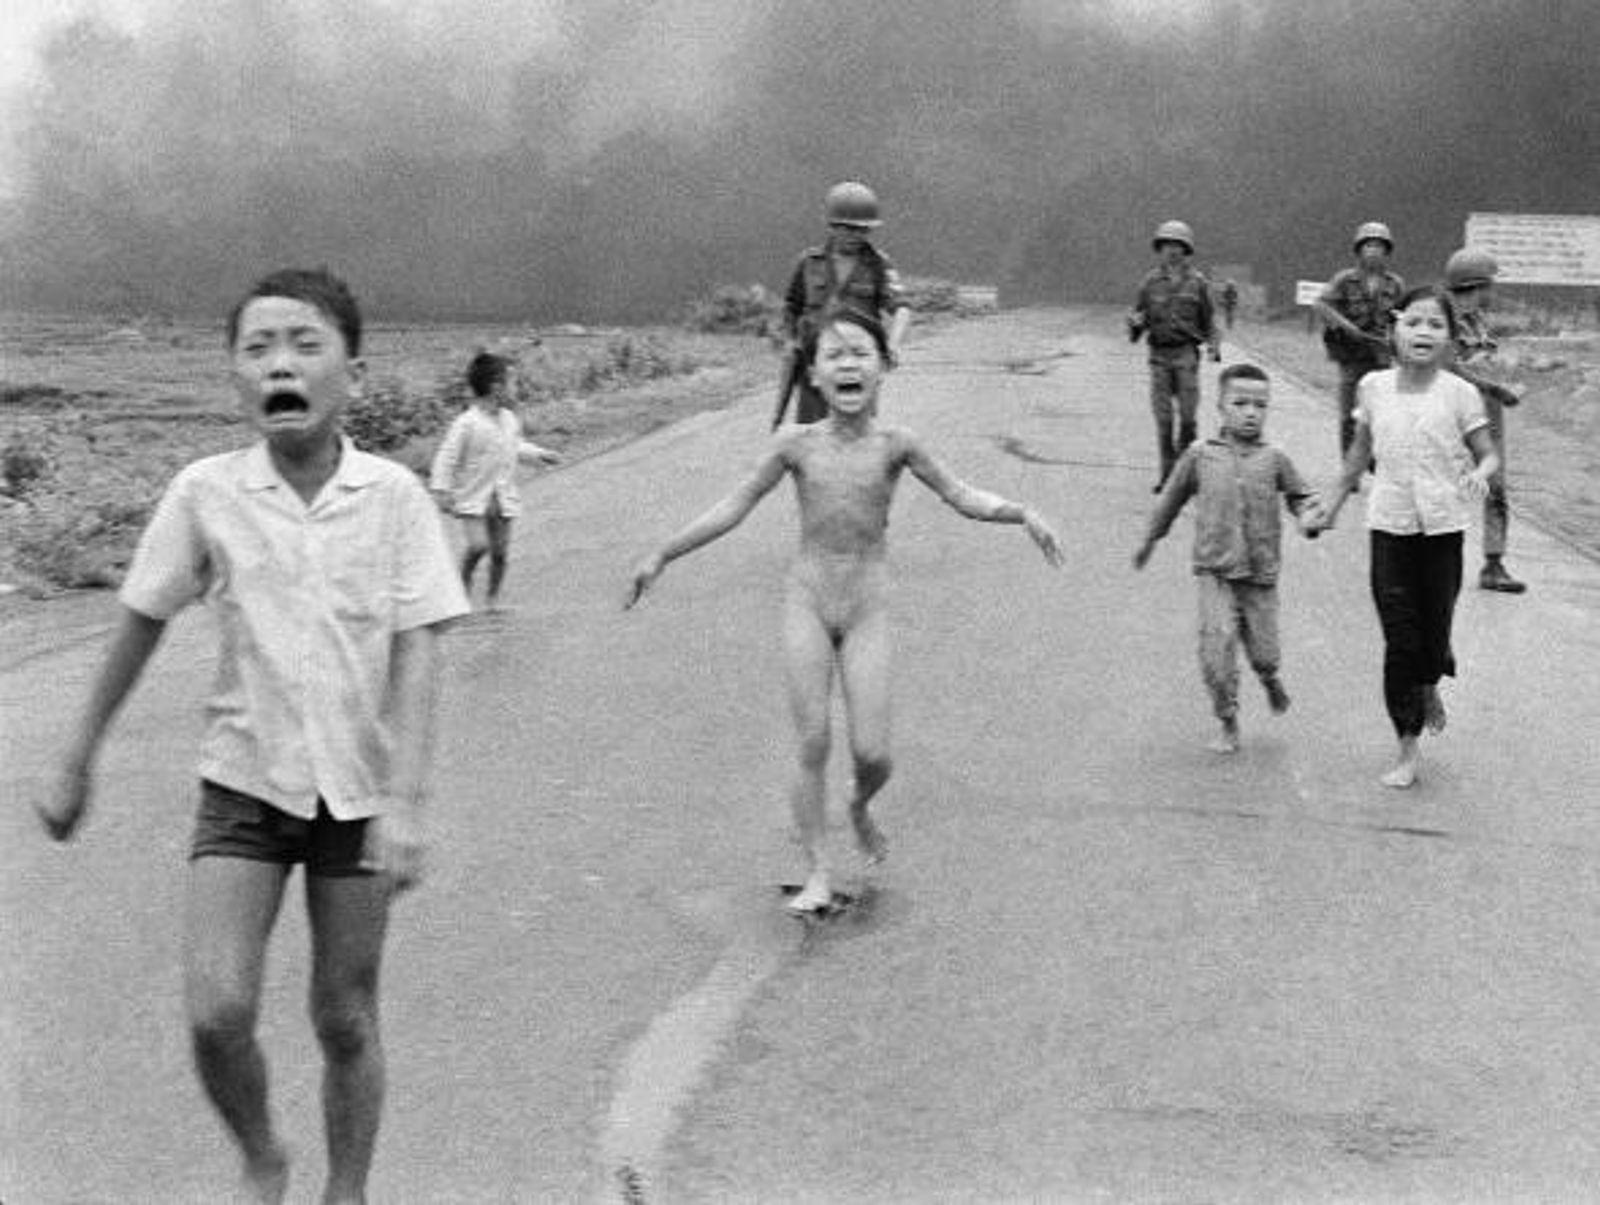 Dieses Foto verängstigter Kinder, die 1972 vor einem Napalmbomber weglaufen, brachte den Horror des Vietnamkriegs in ...